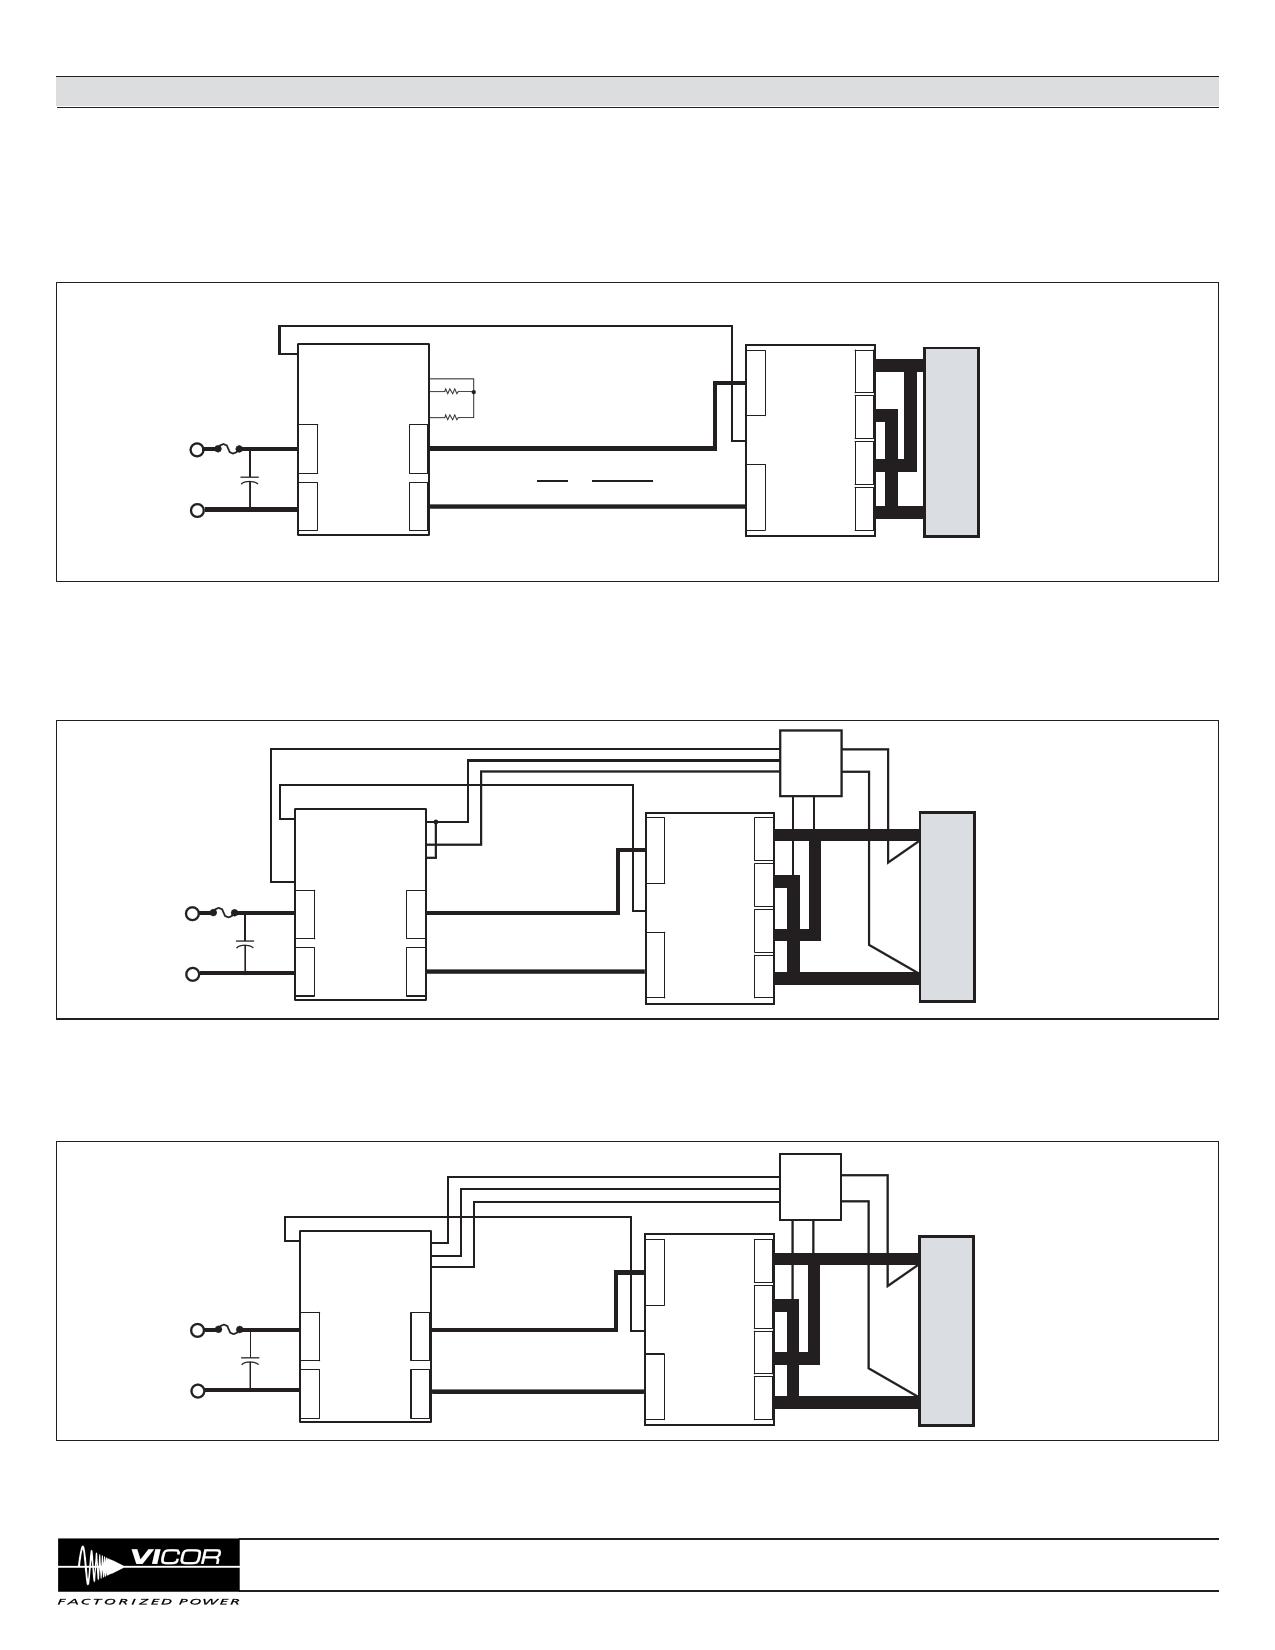 V048K480M006 pdf, datenblatt